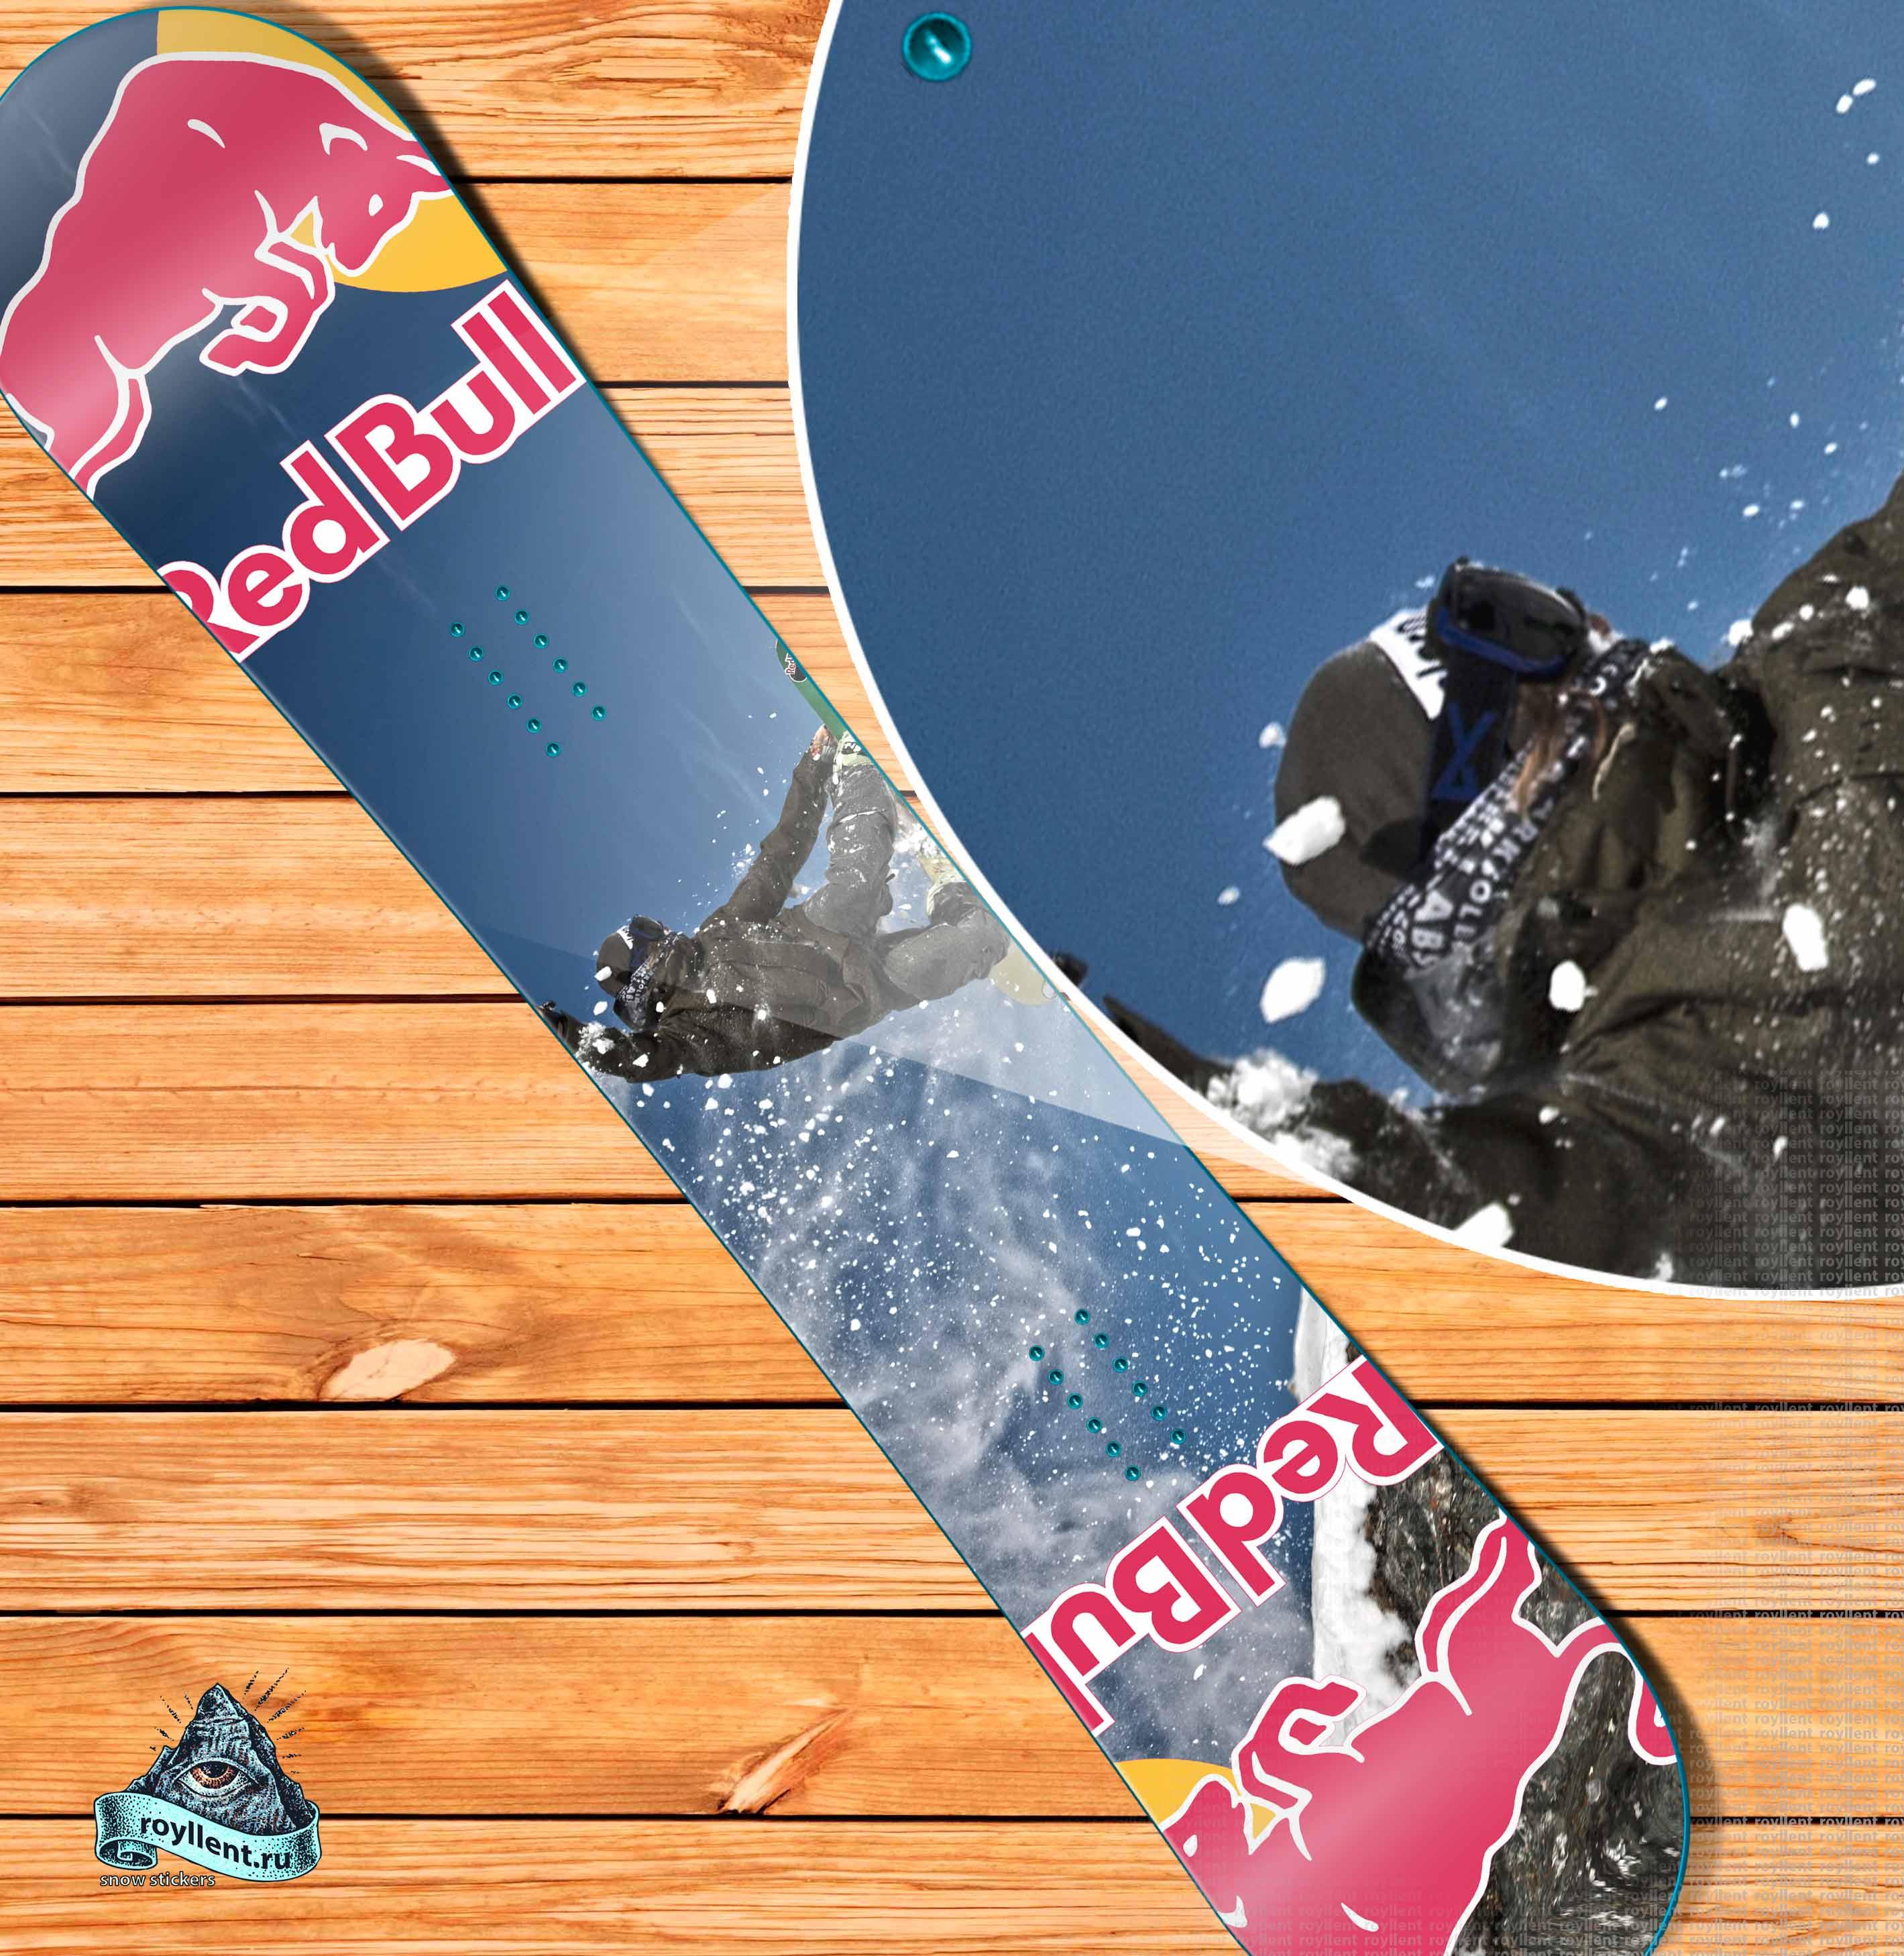 Виниловая наклейка на сноуборд Royllent 2018 RED Bull Style design с доставкой по России.